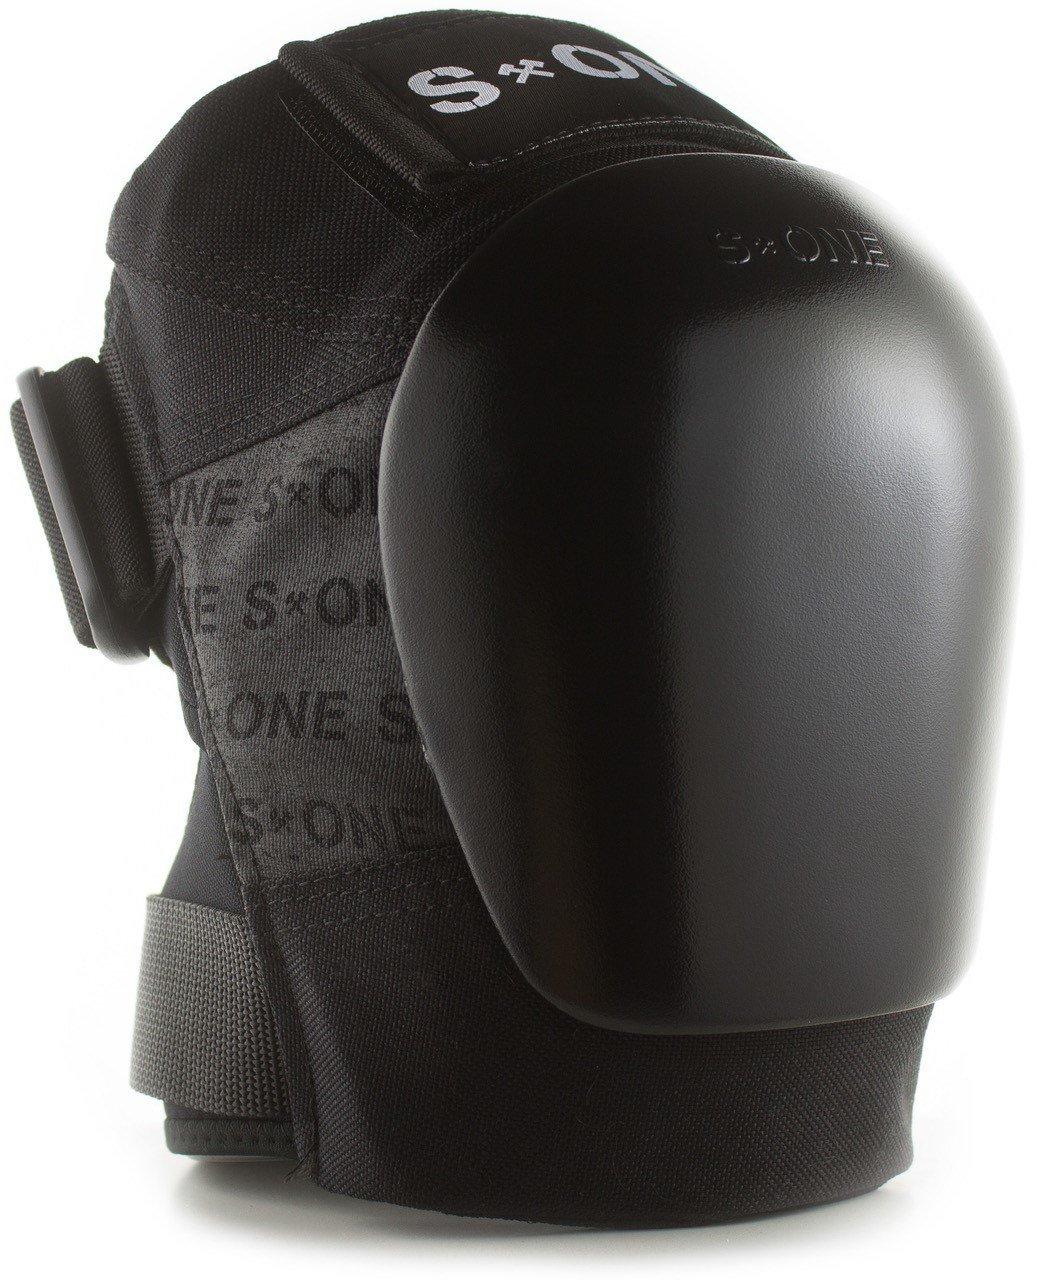 S-ONE GEN 3 PRO ニーパッド - ホワイトキャップ (M/L トップ膝 17インチ-18インチ ボトム膝 14インチ-15インチ) B07FKW65FB 2X-Large : Top Knee 21